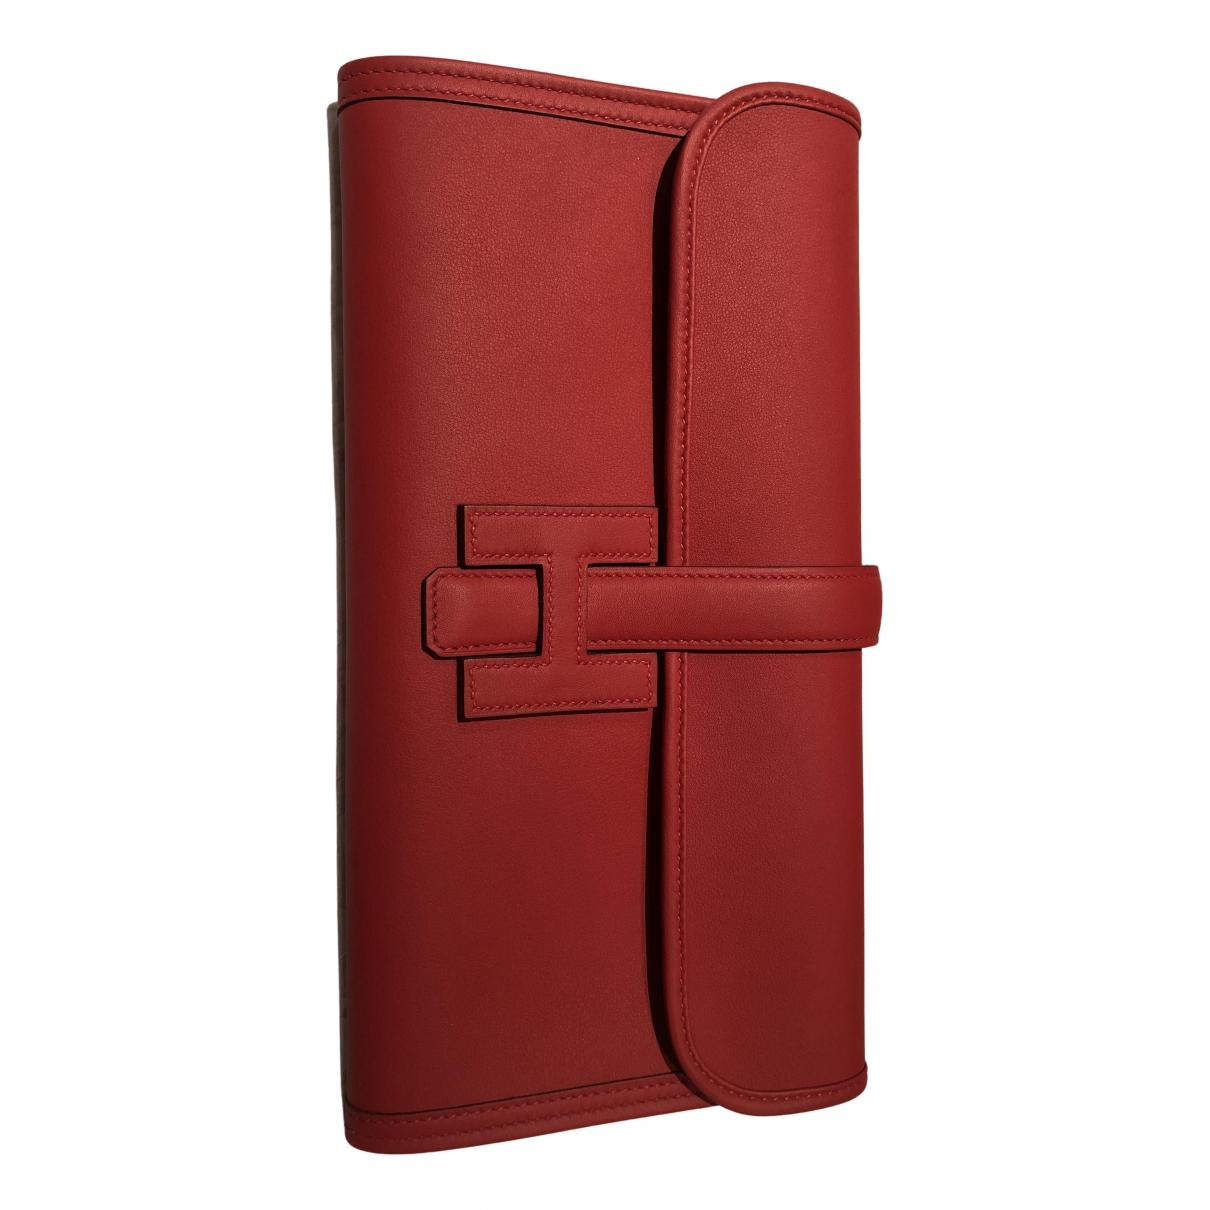 Hermes Jige Clutch in  Rot Leder